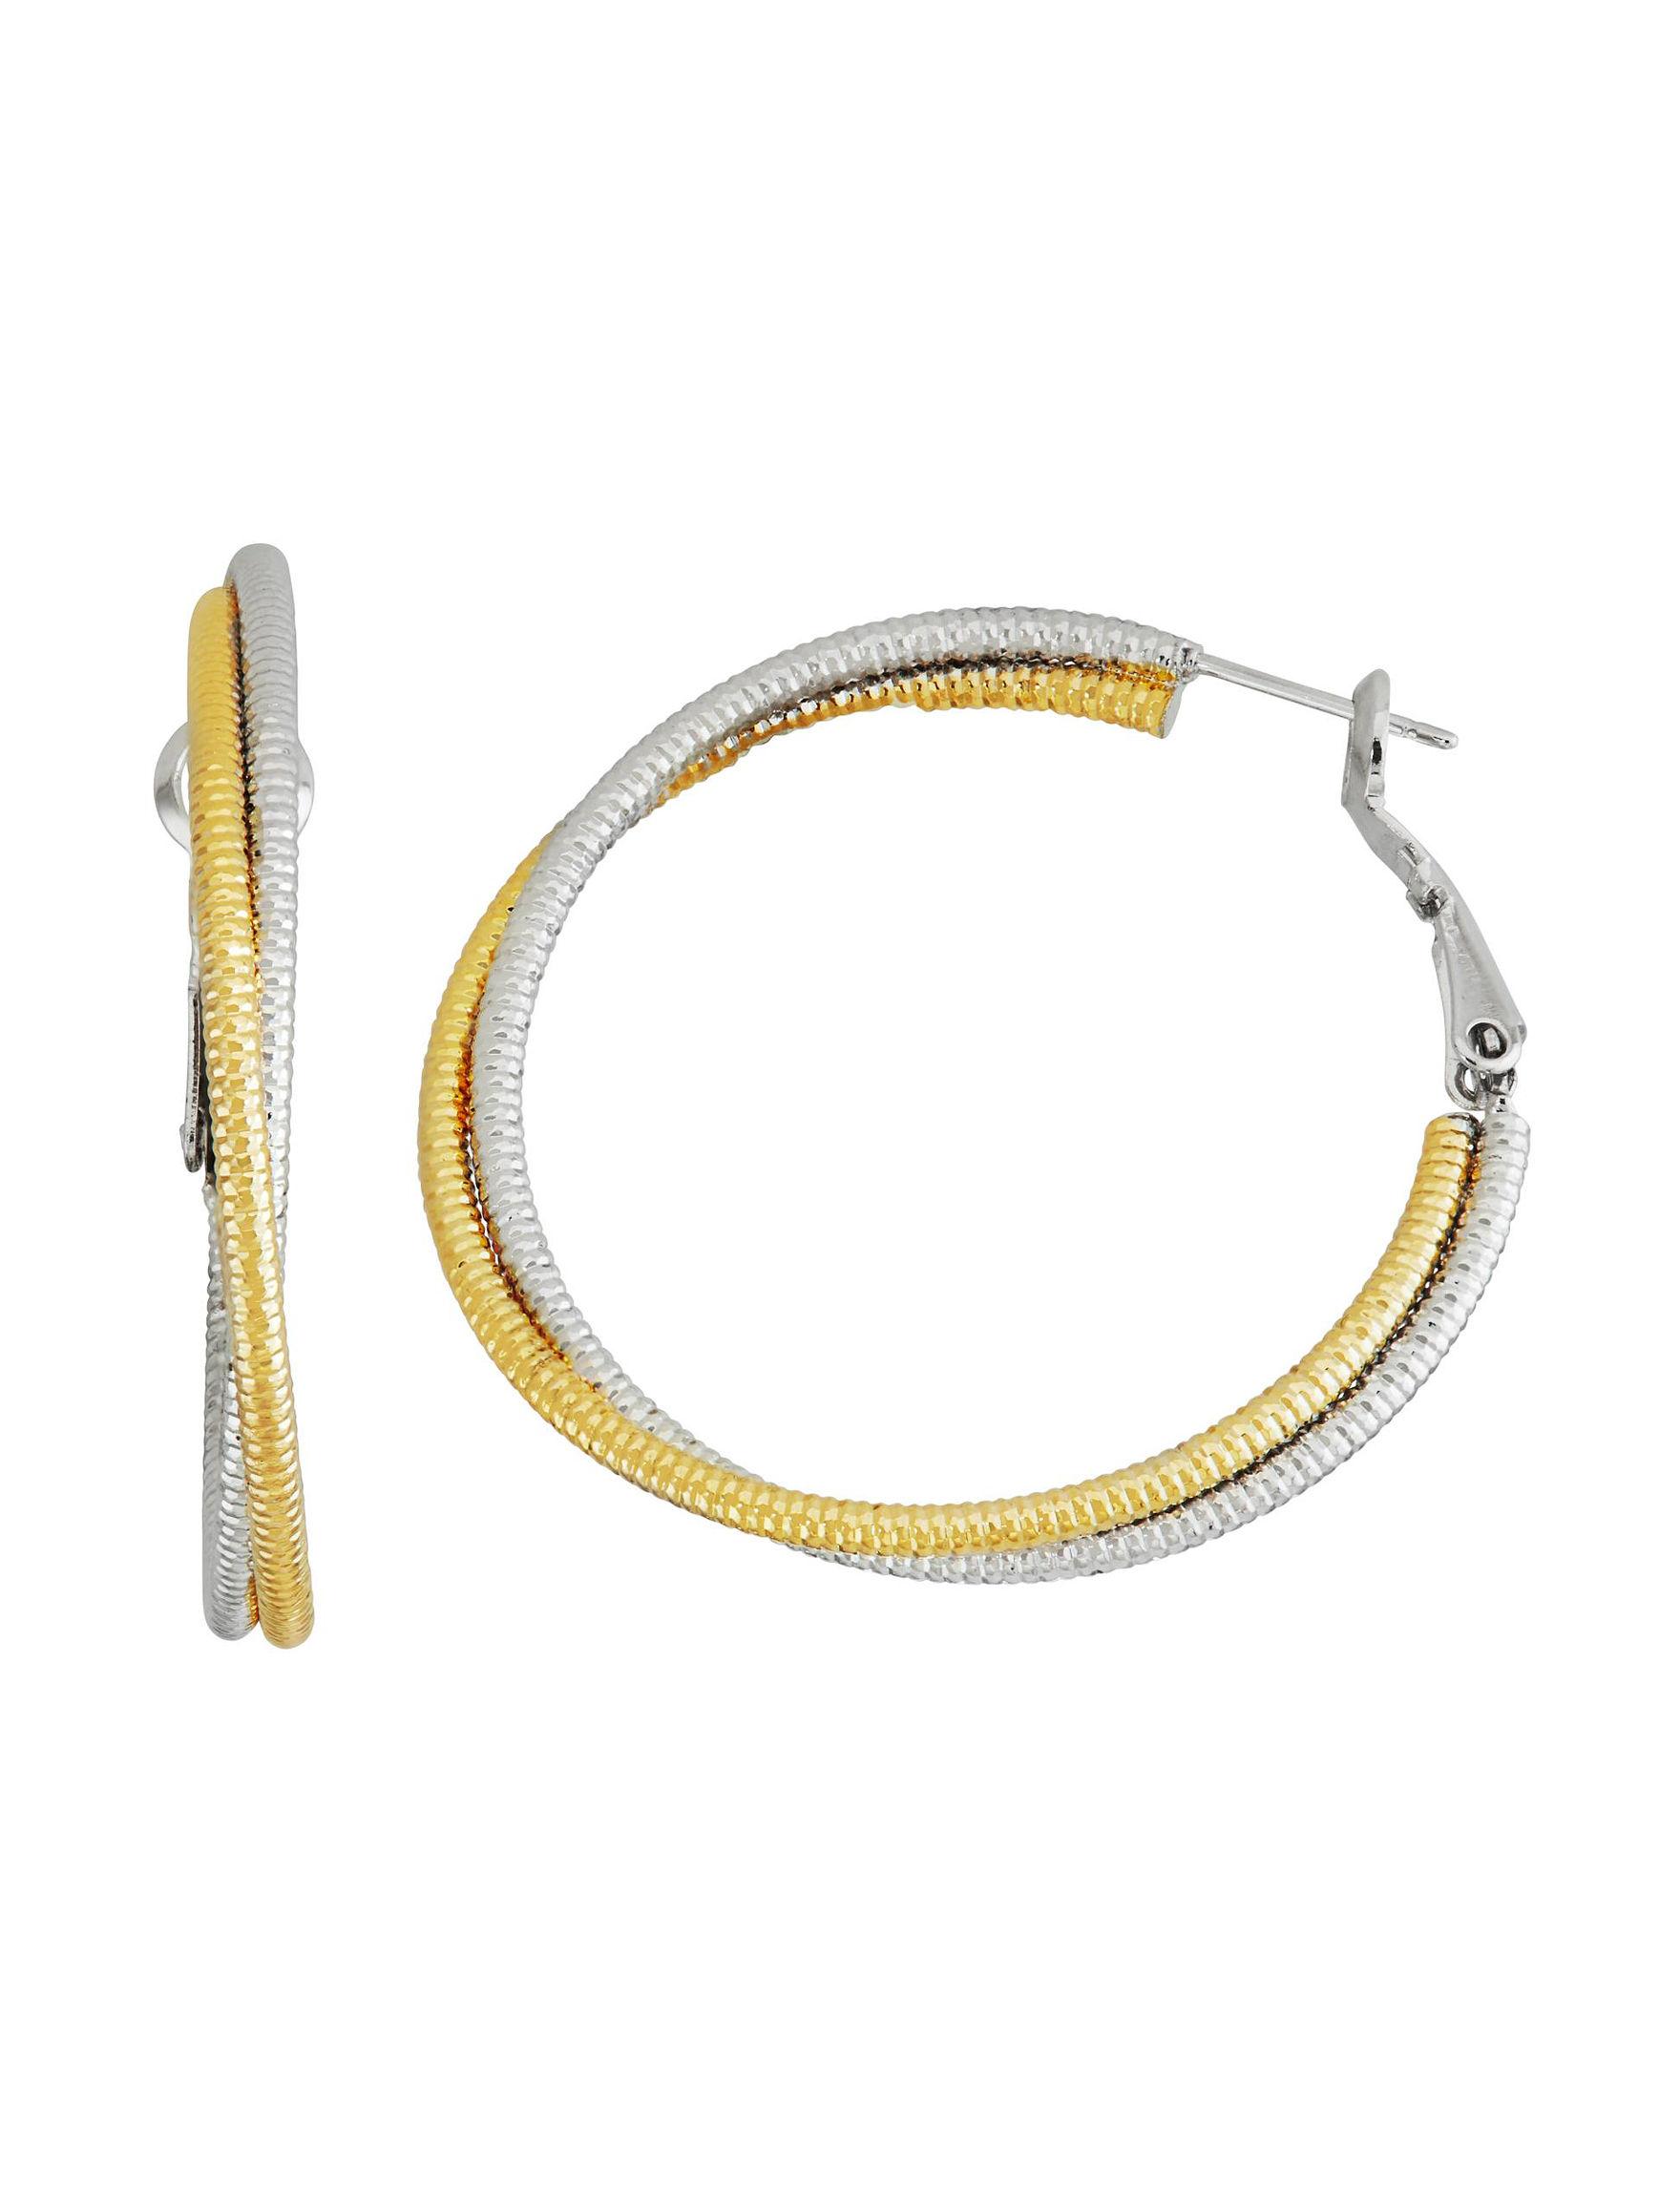 5th & Luxe White / Silver Hoops Earrings Fine Jewelry